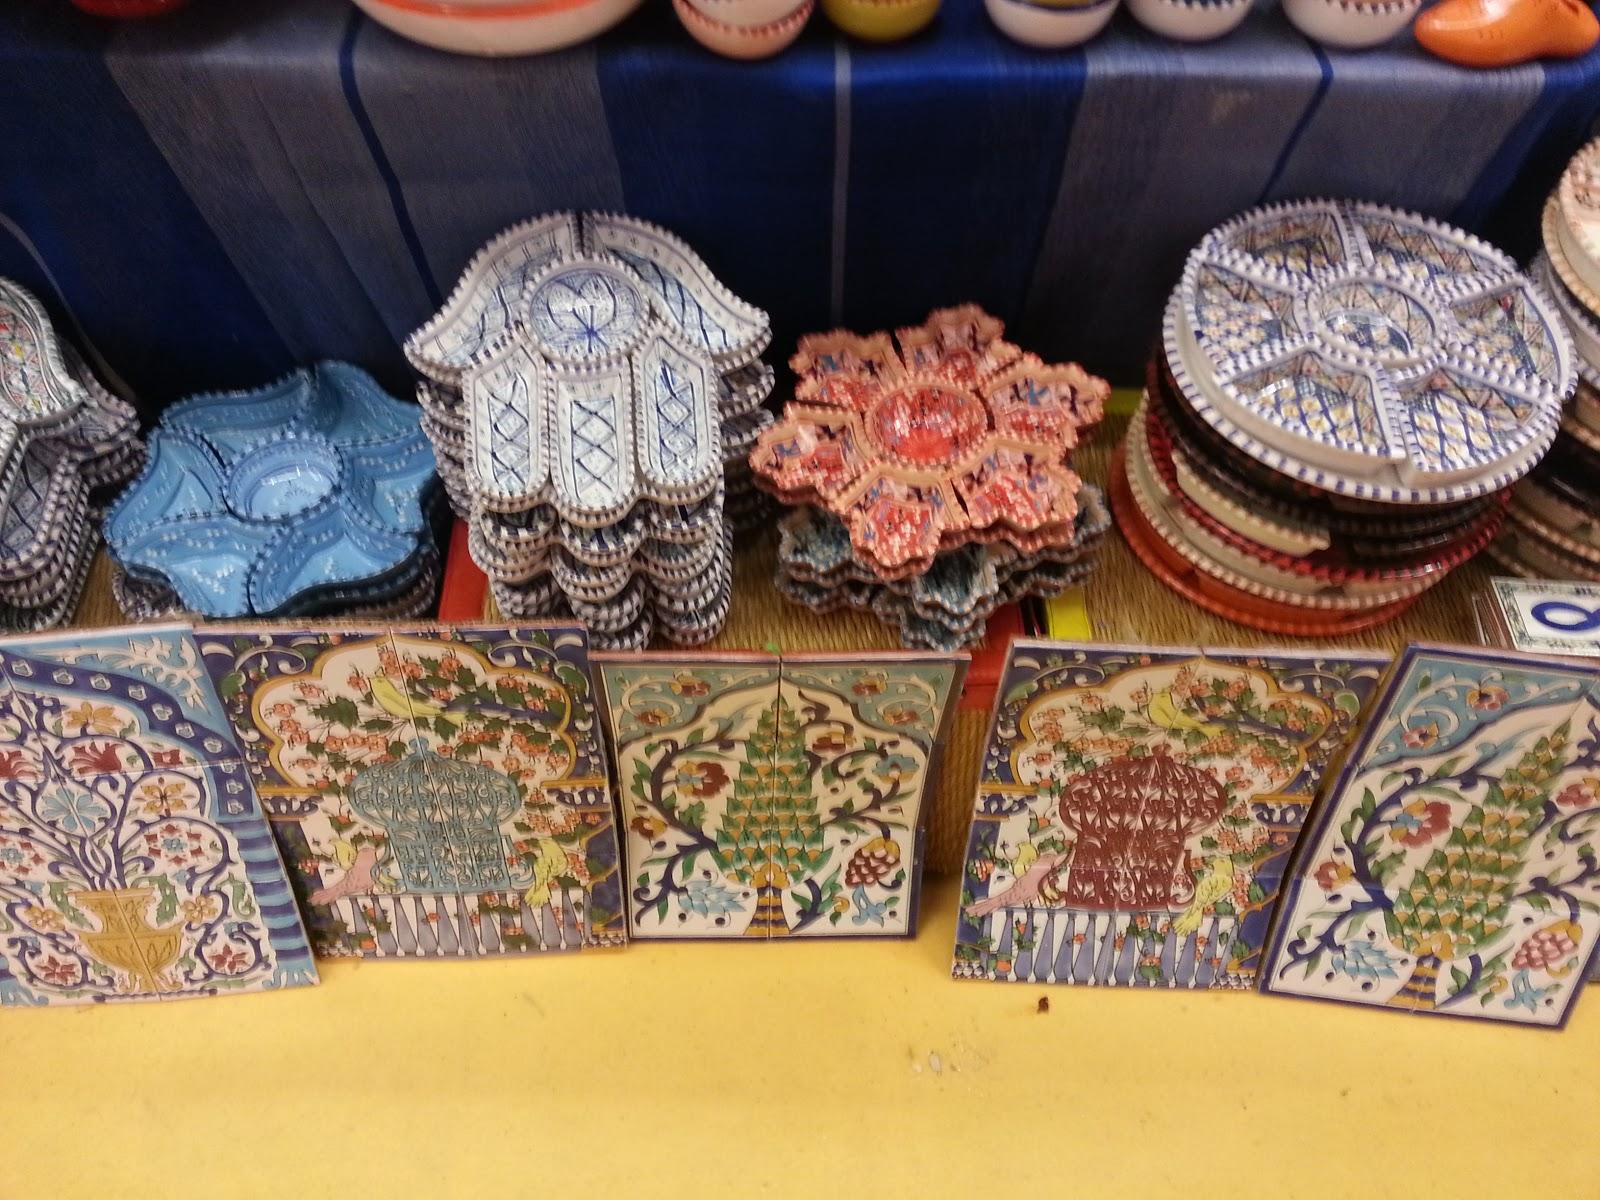 lampadari indiani : Ecco le coloratissime ceramiche tunisine, che io adoro perch? portano ...